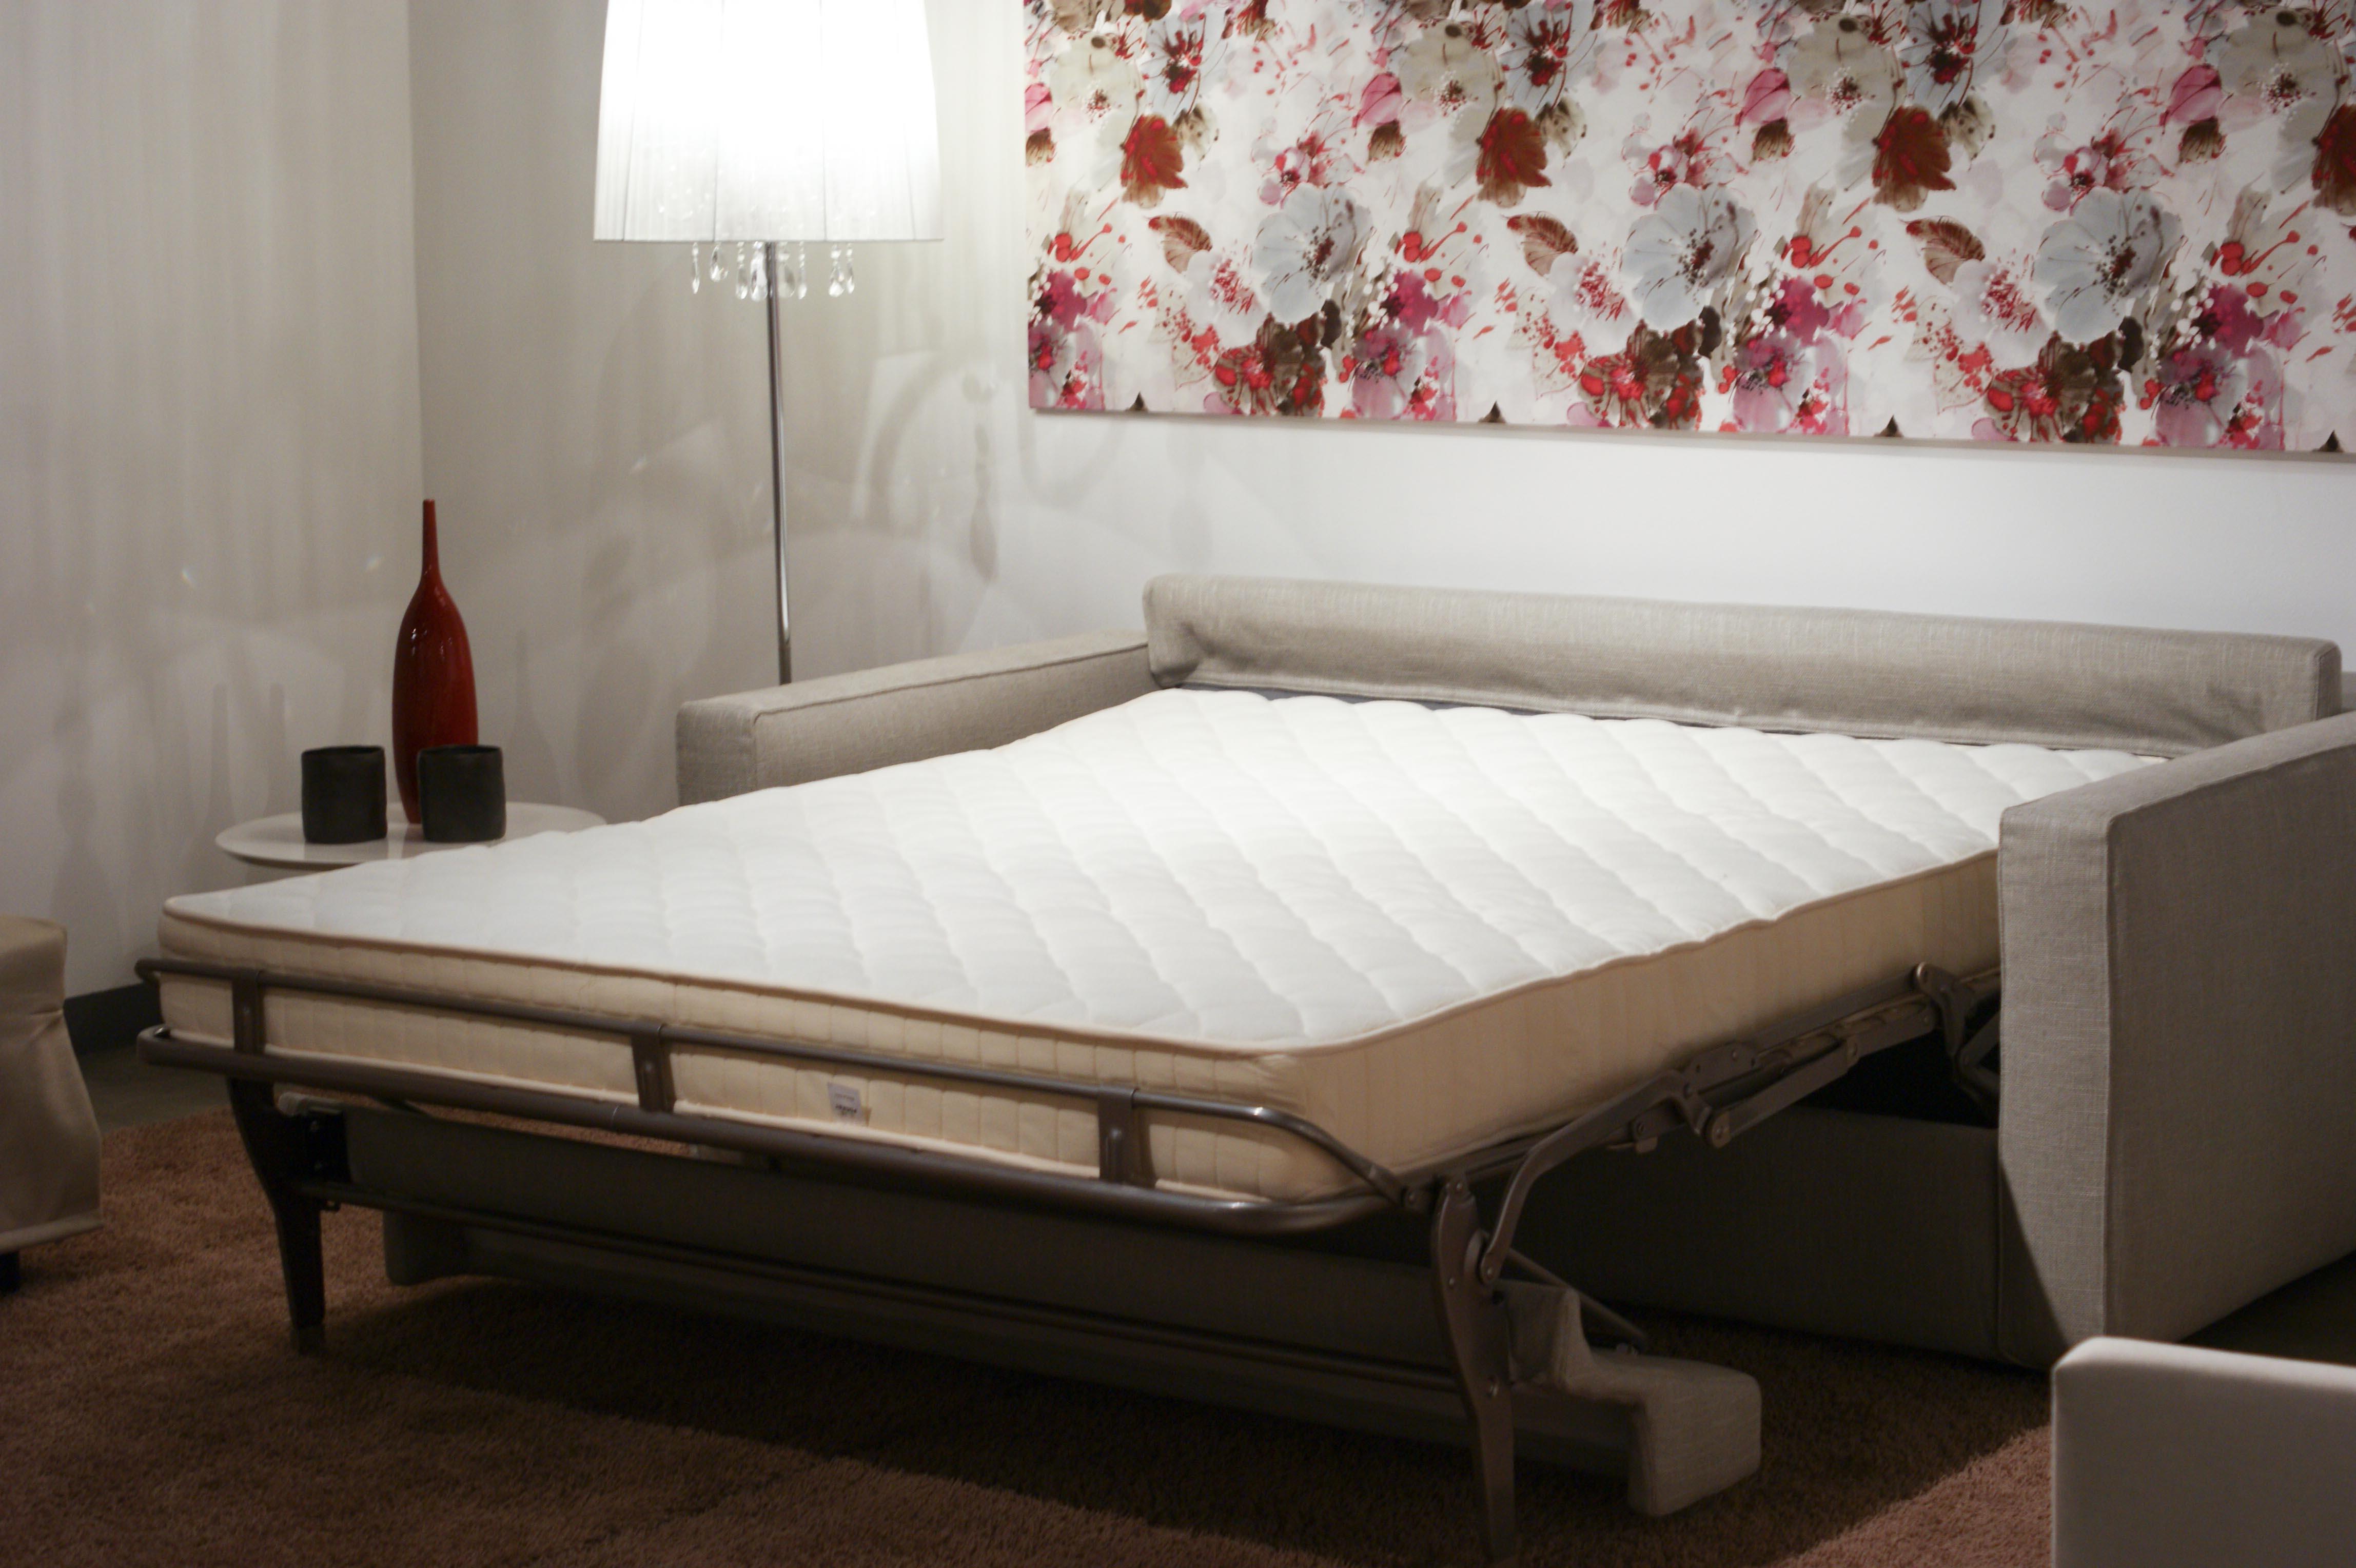 Gulliver, das Schlafsofa mit Überraschung: eine 18 cm hohe ...